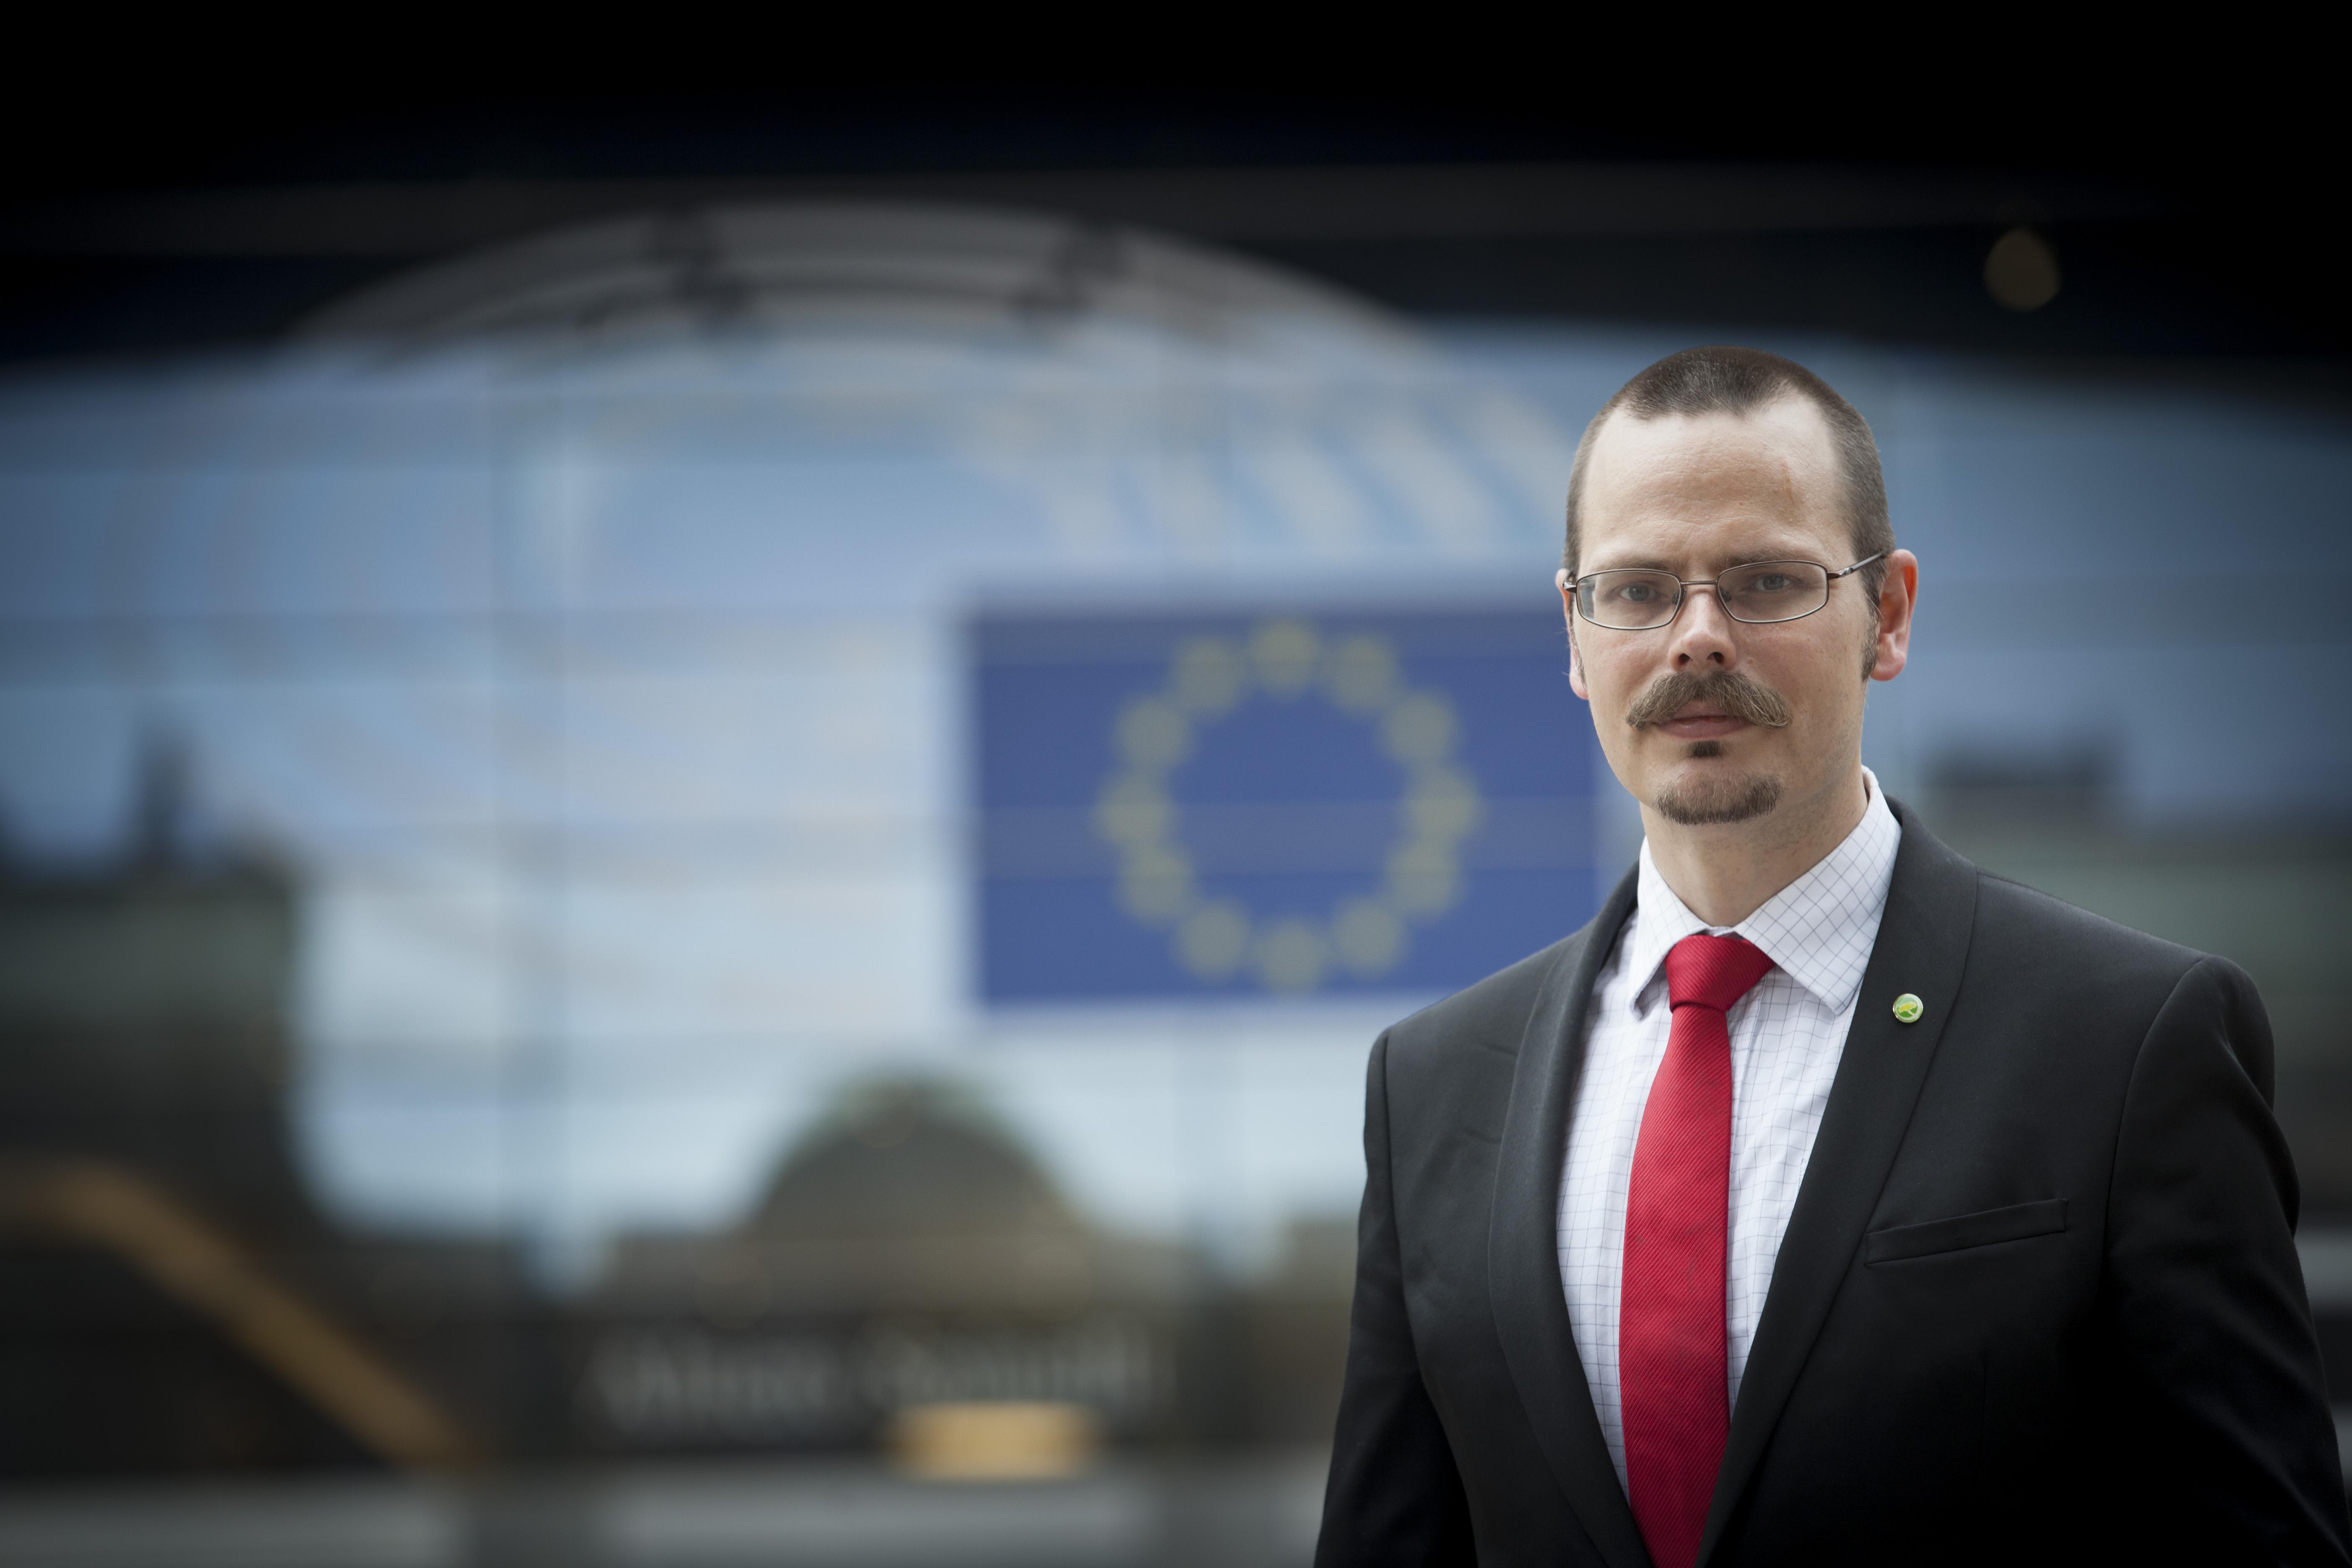 Läs CETA-avtalet, Federley